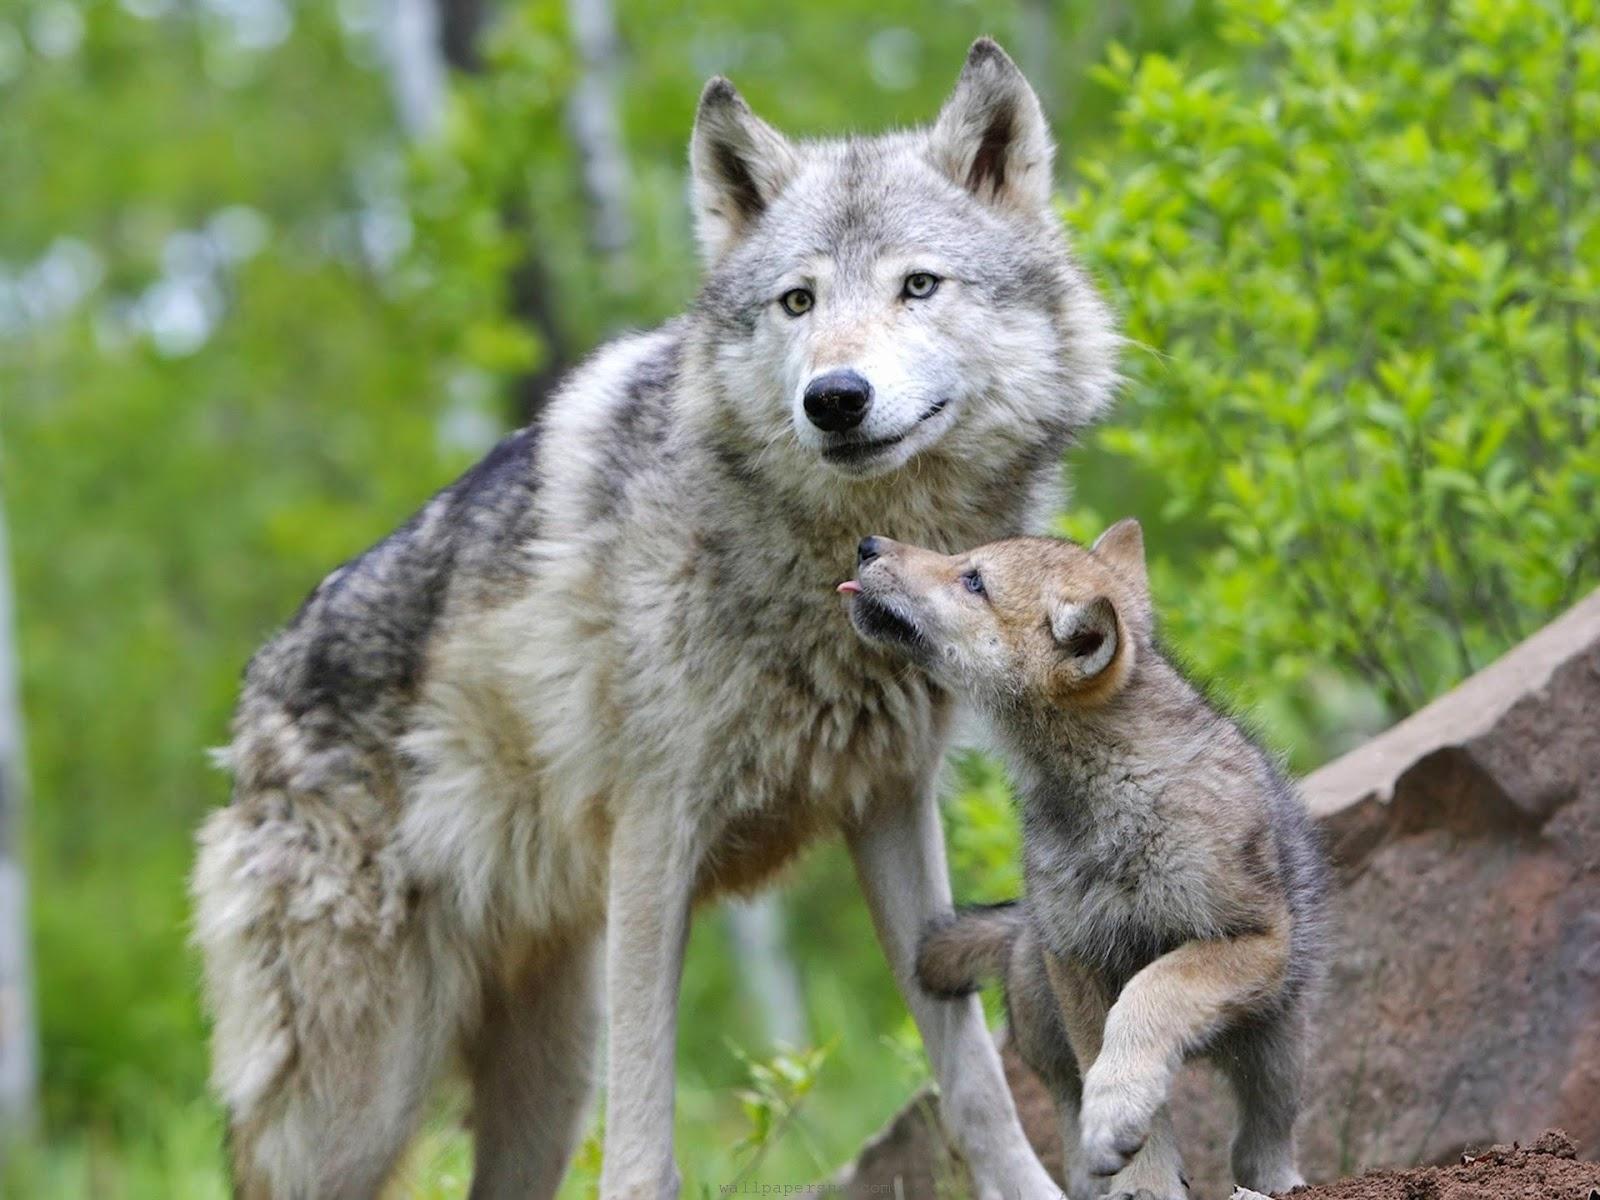 ONG Territorio de Lobos: 5 curiosidades sobre lobos